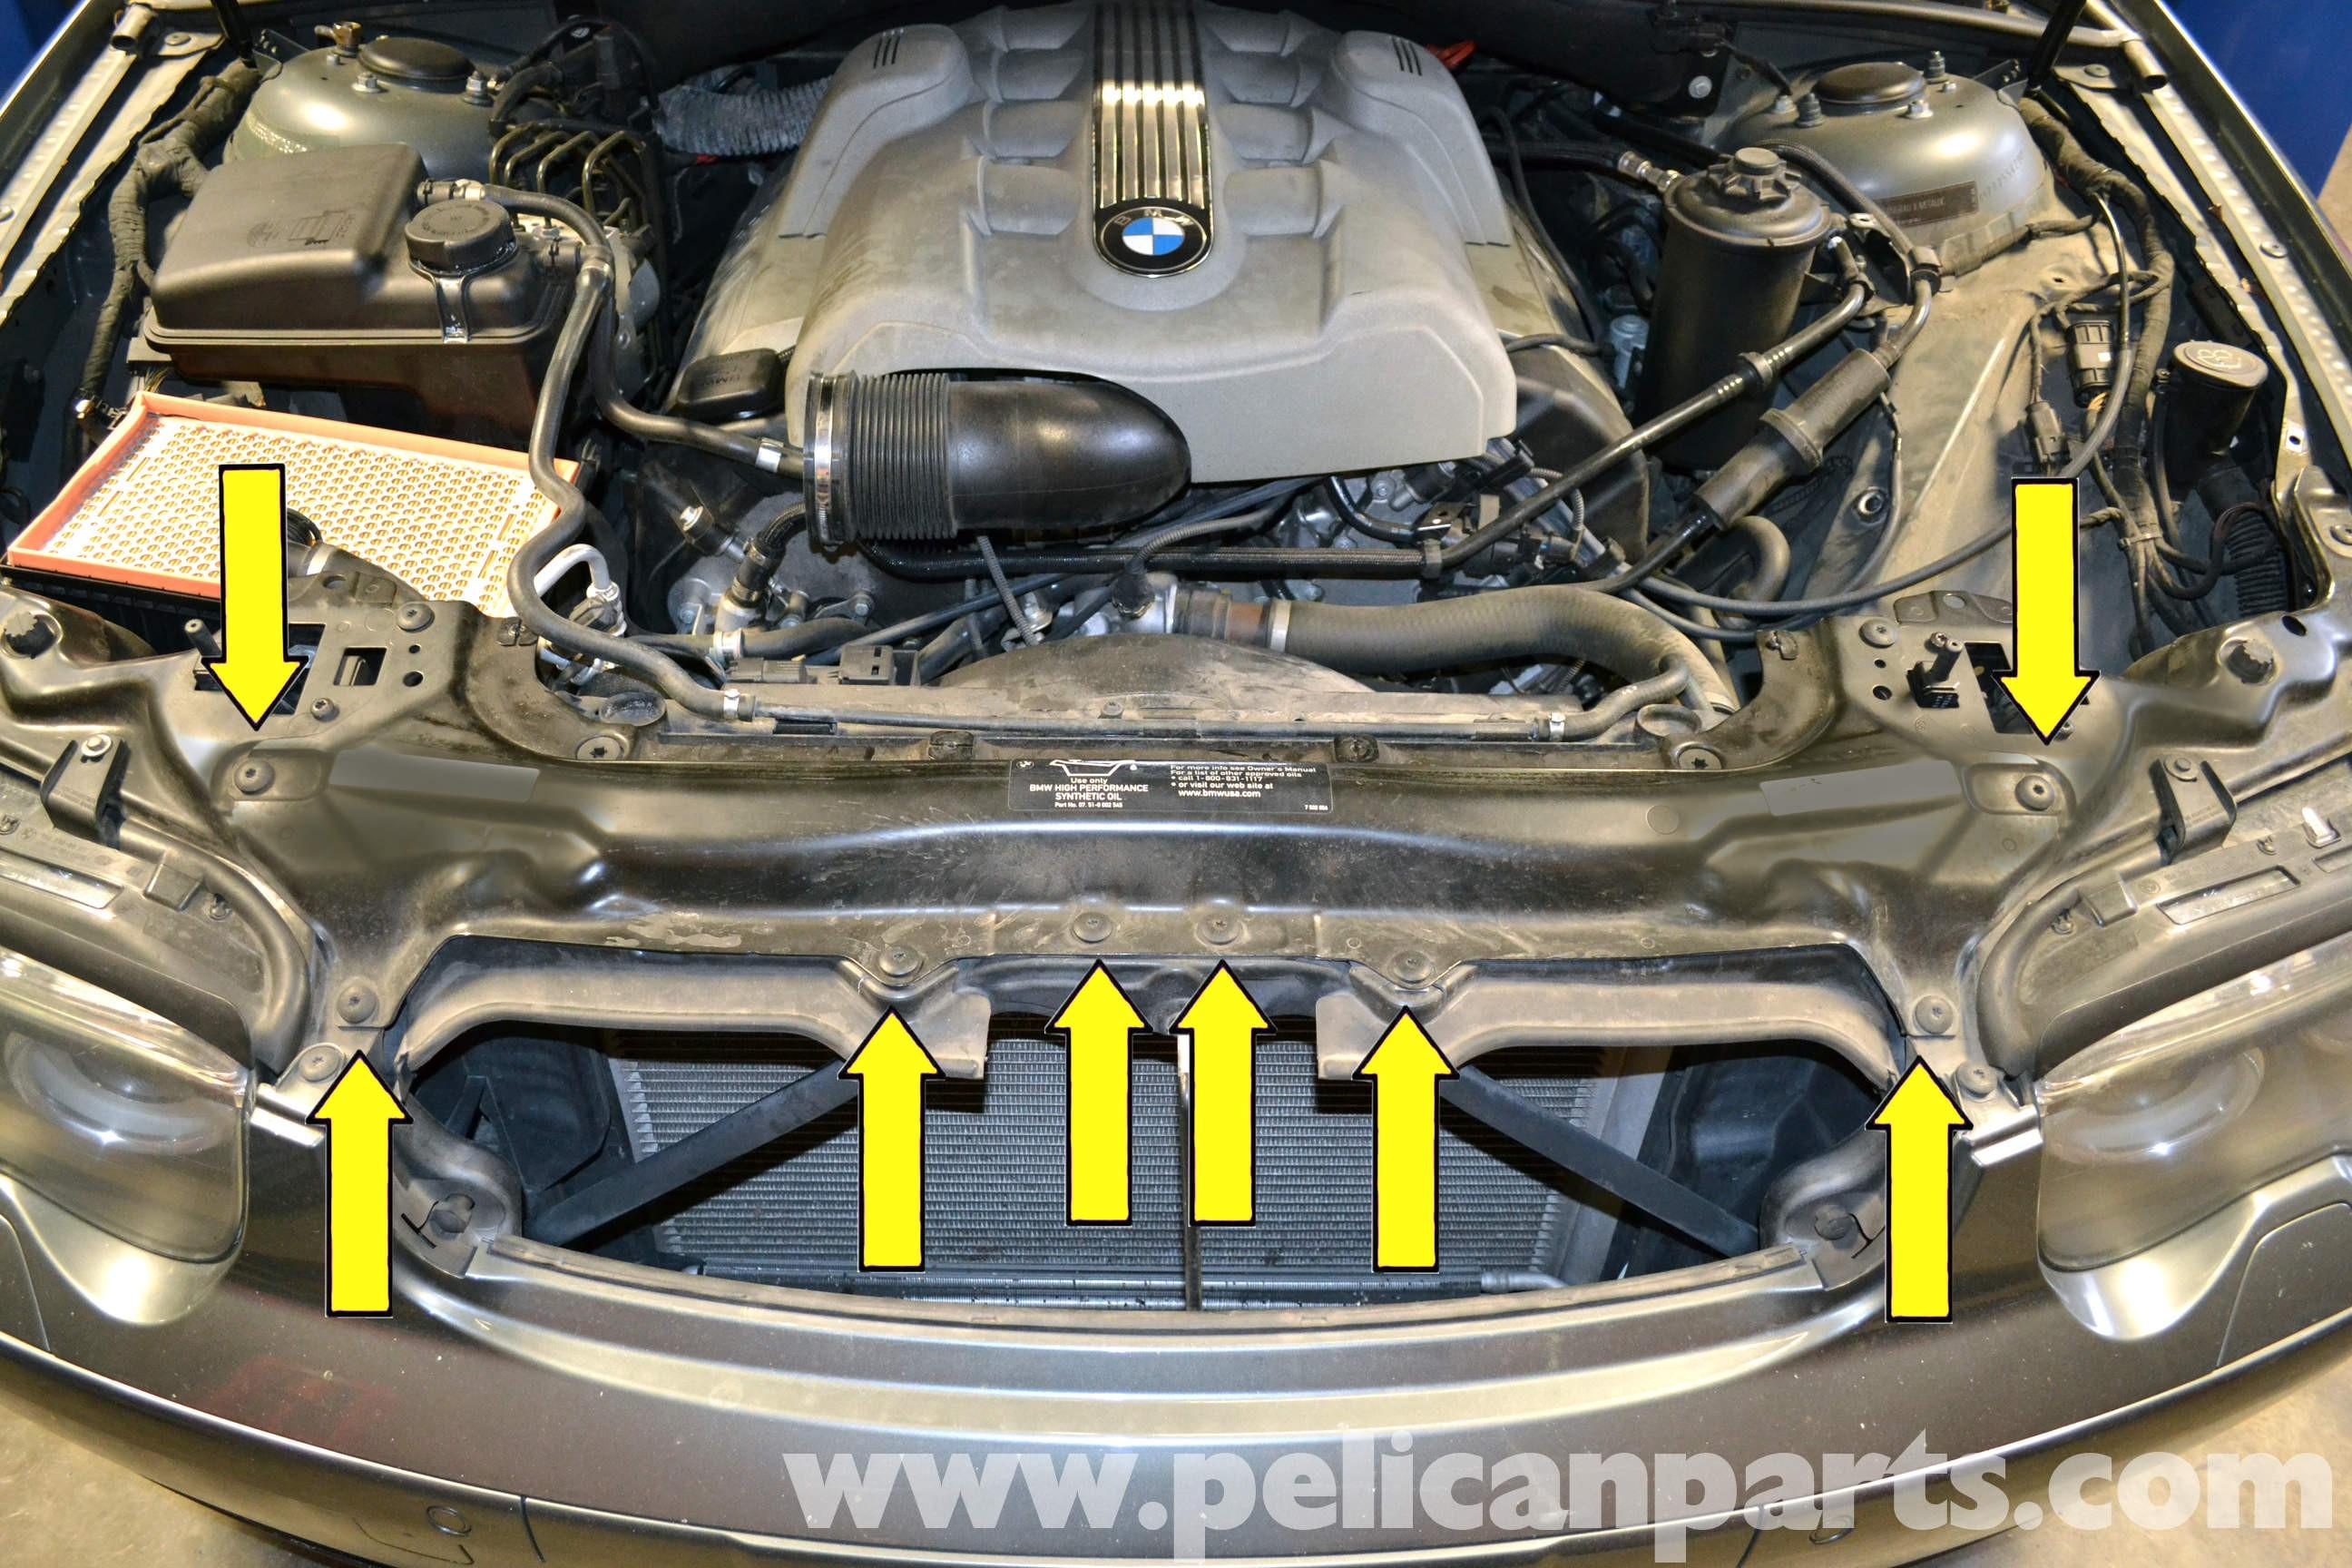 bmw 745i engine diagram bmw the infamous alternator bracket oil leak rh detoxicrecenze com bmw 745i engine diagram 2003 bmw 745i engine diagram